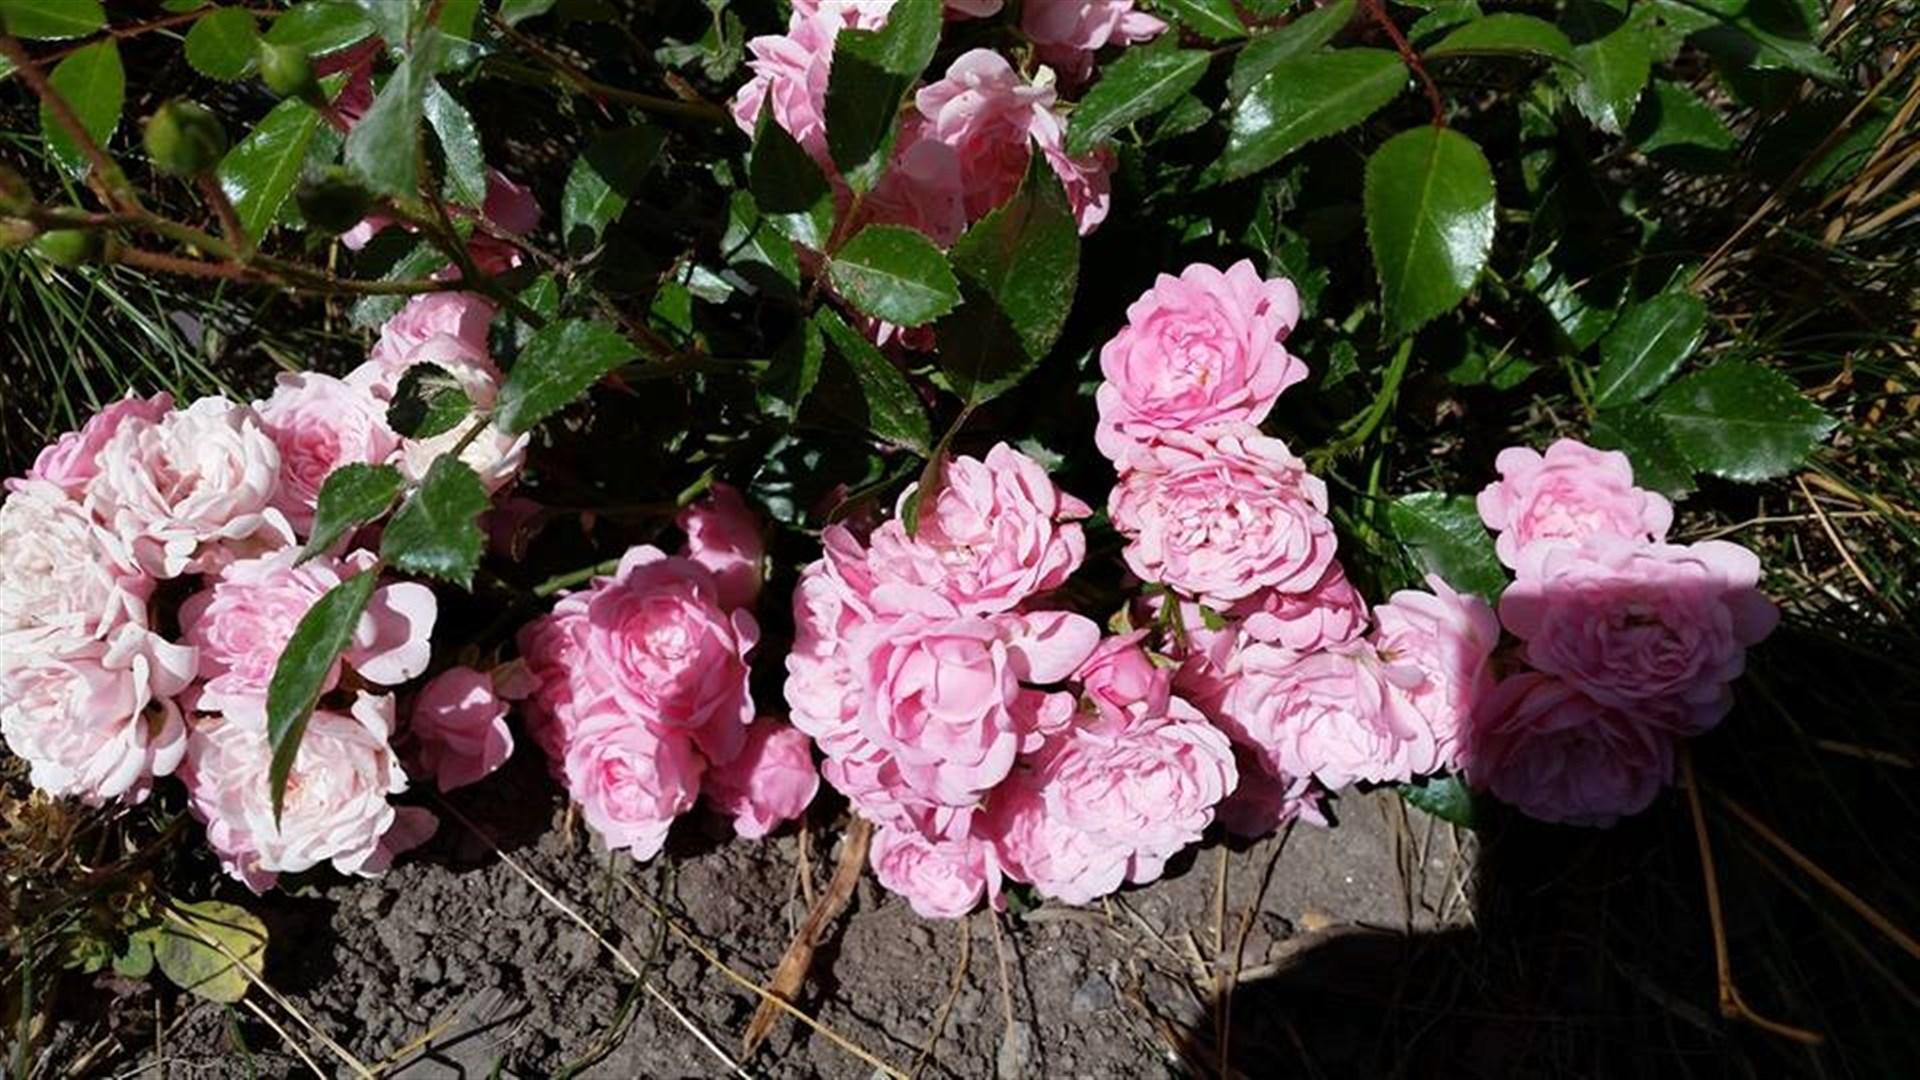 Rosa rosor i rabatten mot gatan.